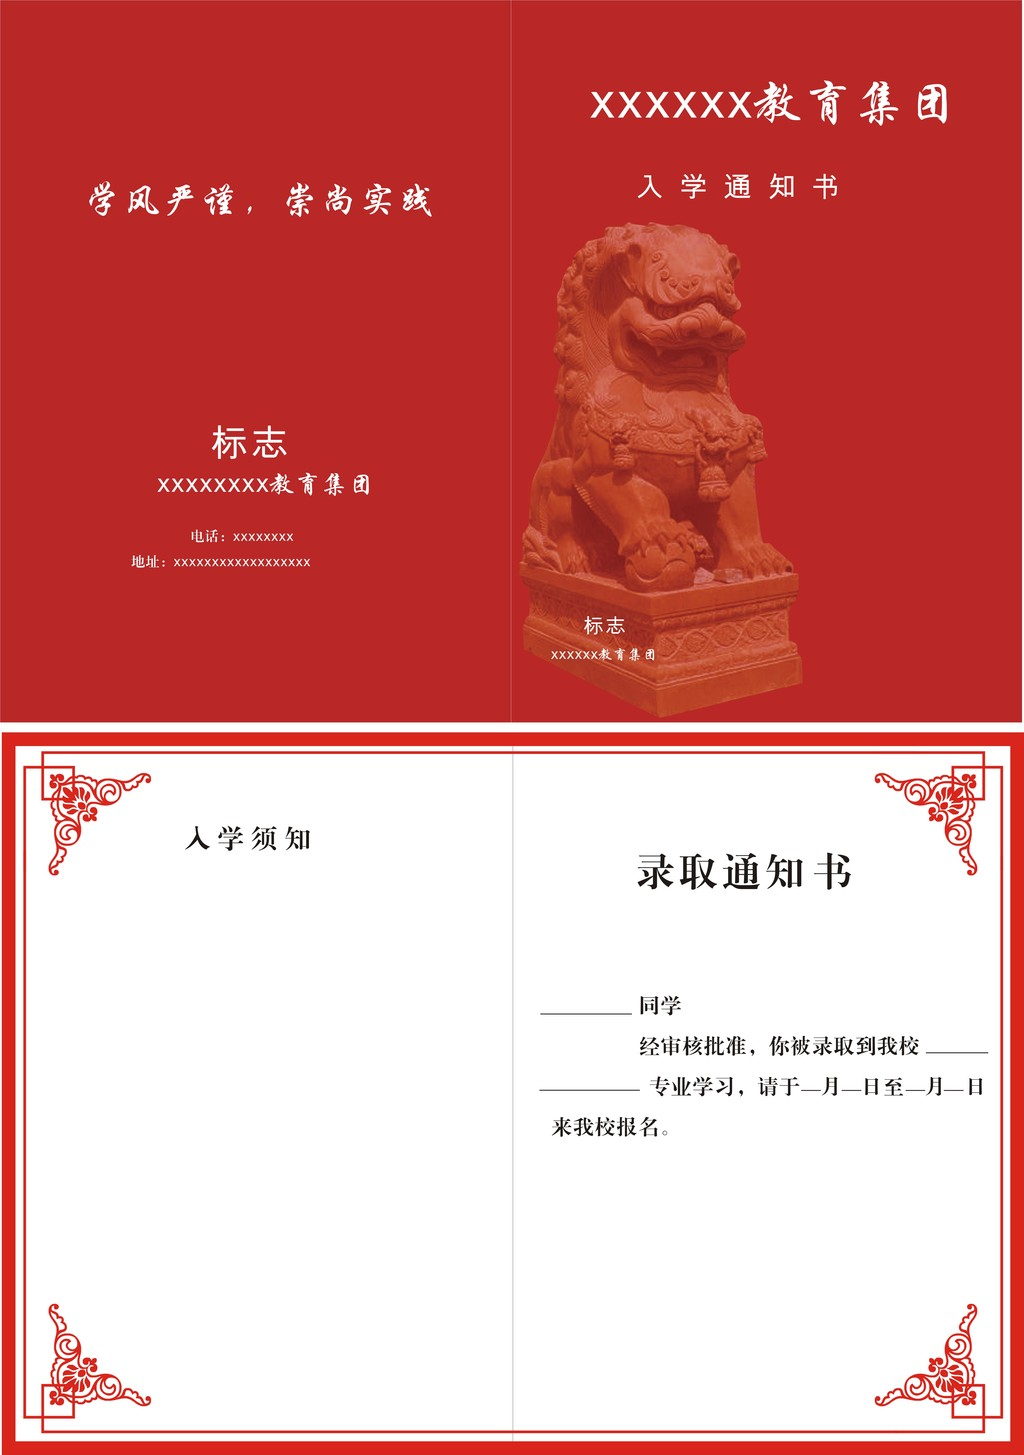 中国政法大学录取通知书的内容